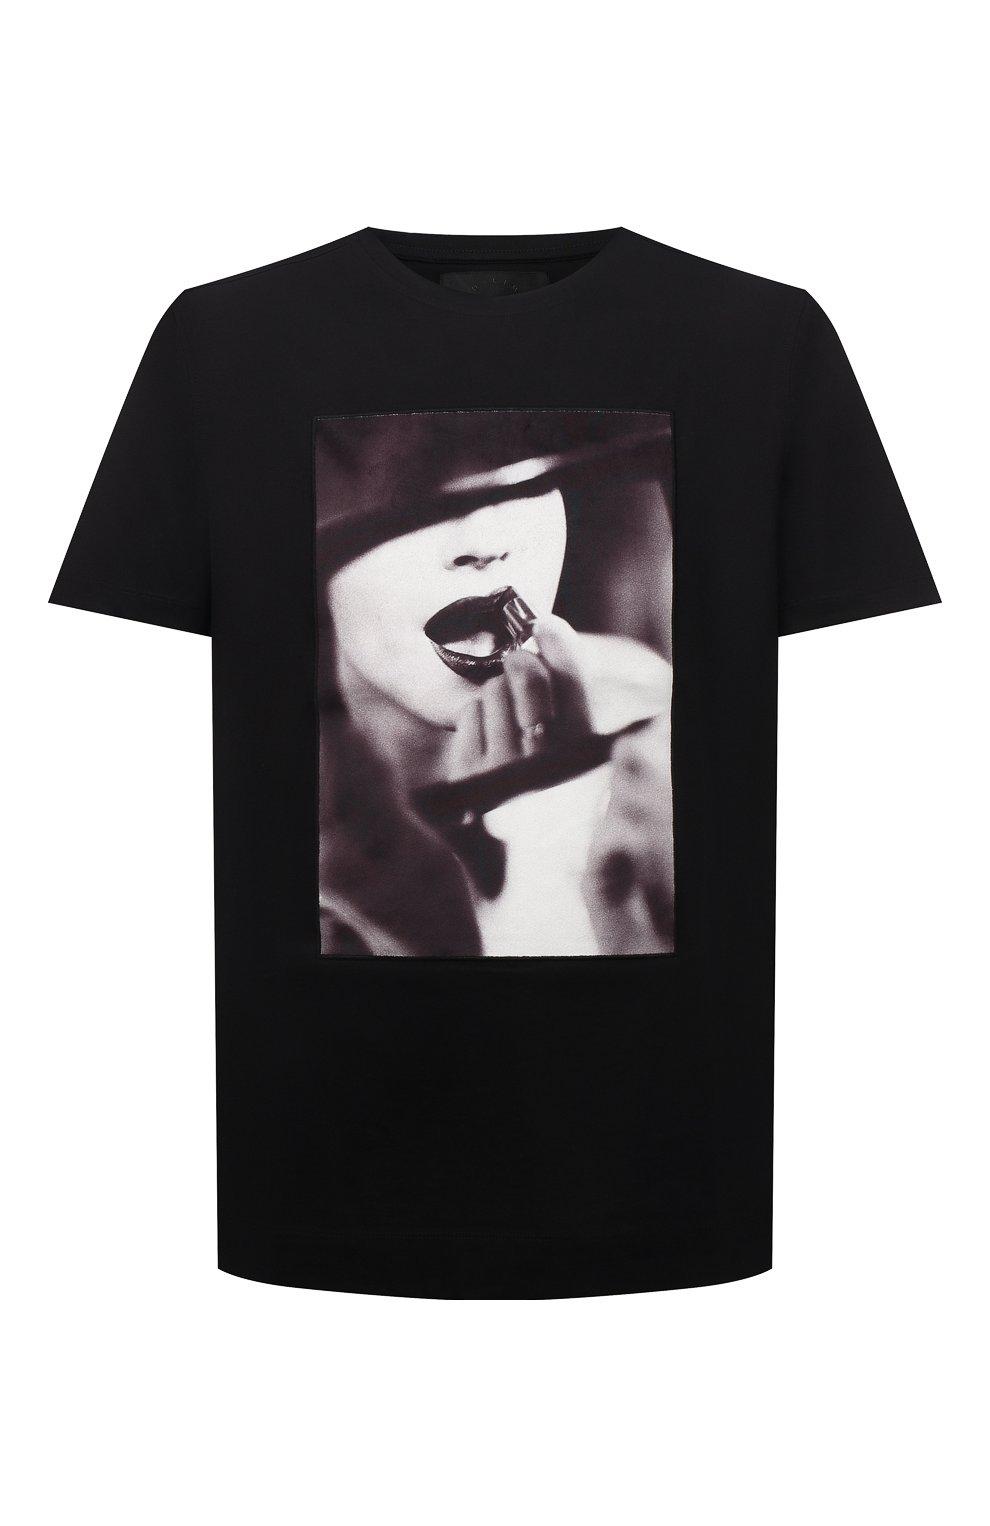 Мужская хлопковая футболка LIMITATO черного цвета, арт. STUDY/T-SHIRT   Фото 1 (Рукава: Короткие; Длина (для топов): Стандартные; Принт: С принтом; Материал внешний: Хлопок)